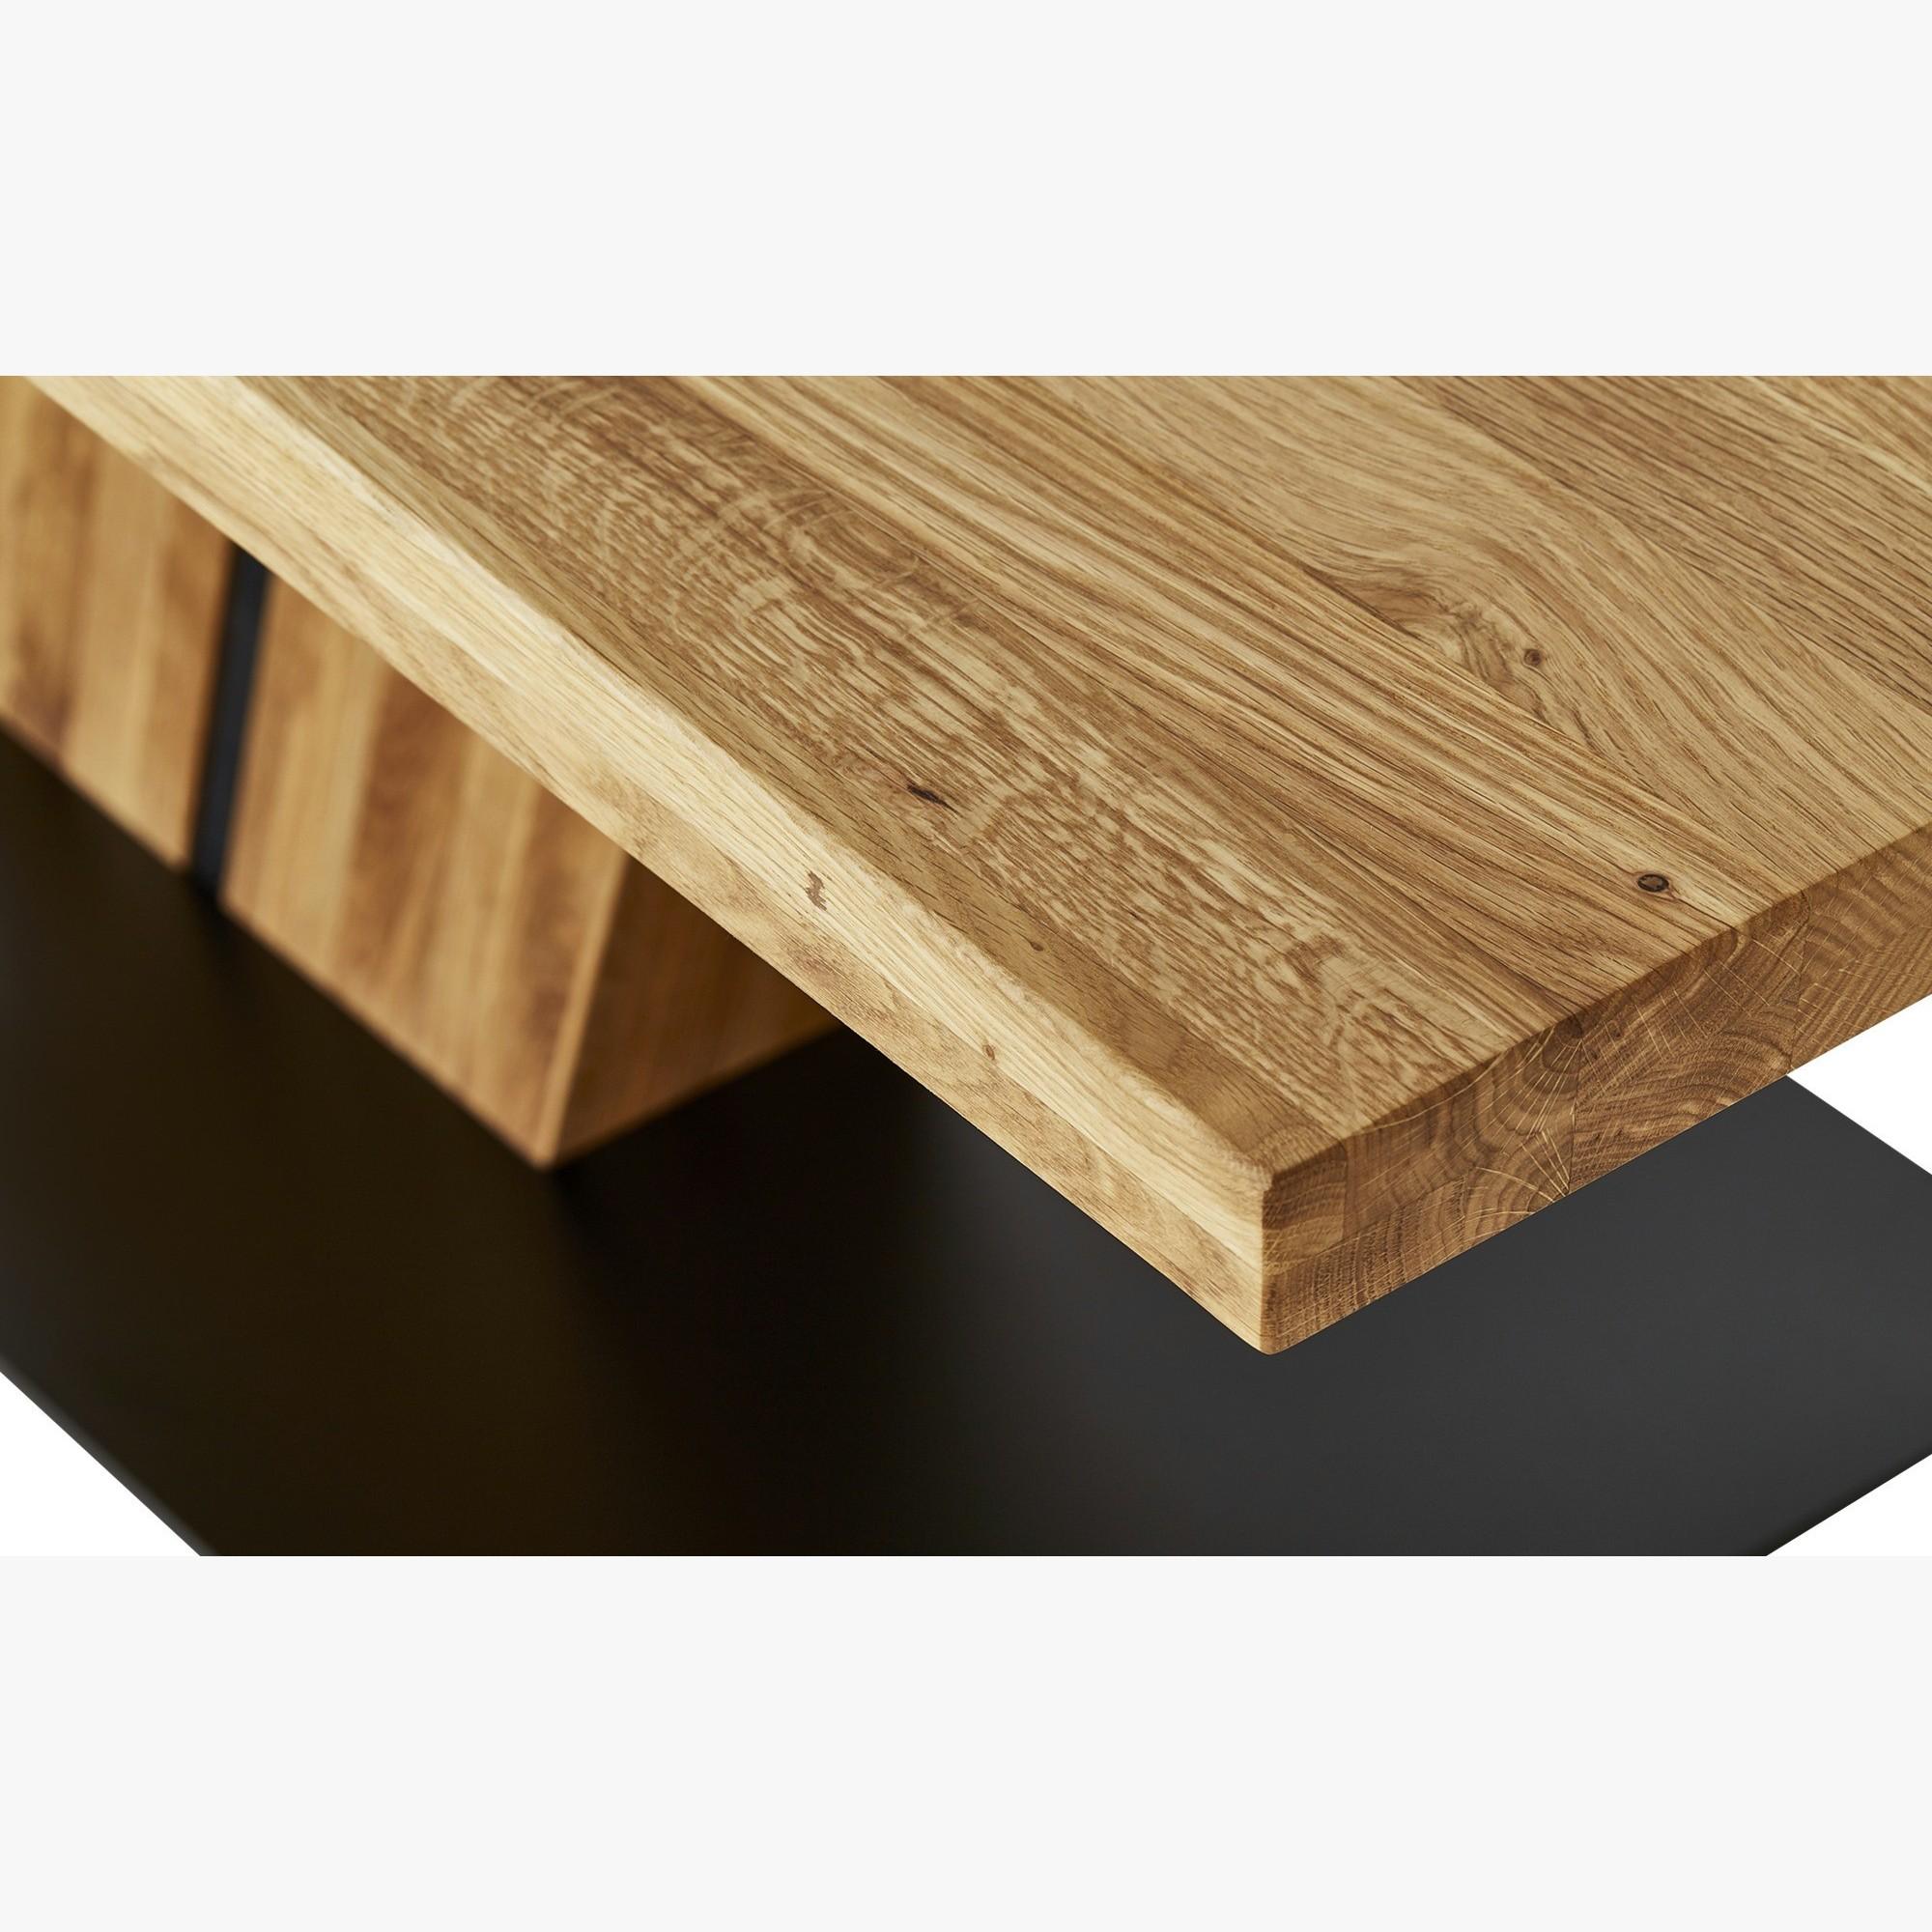 3f599e6eafb98 Zahradní sestav - teakového dřeva - Nábytek Mirek